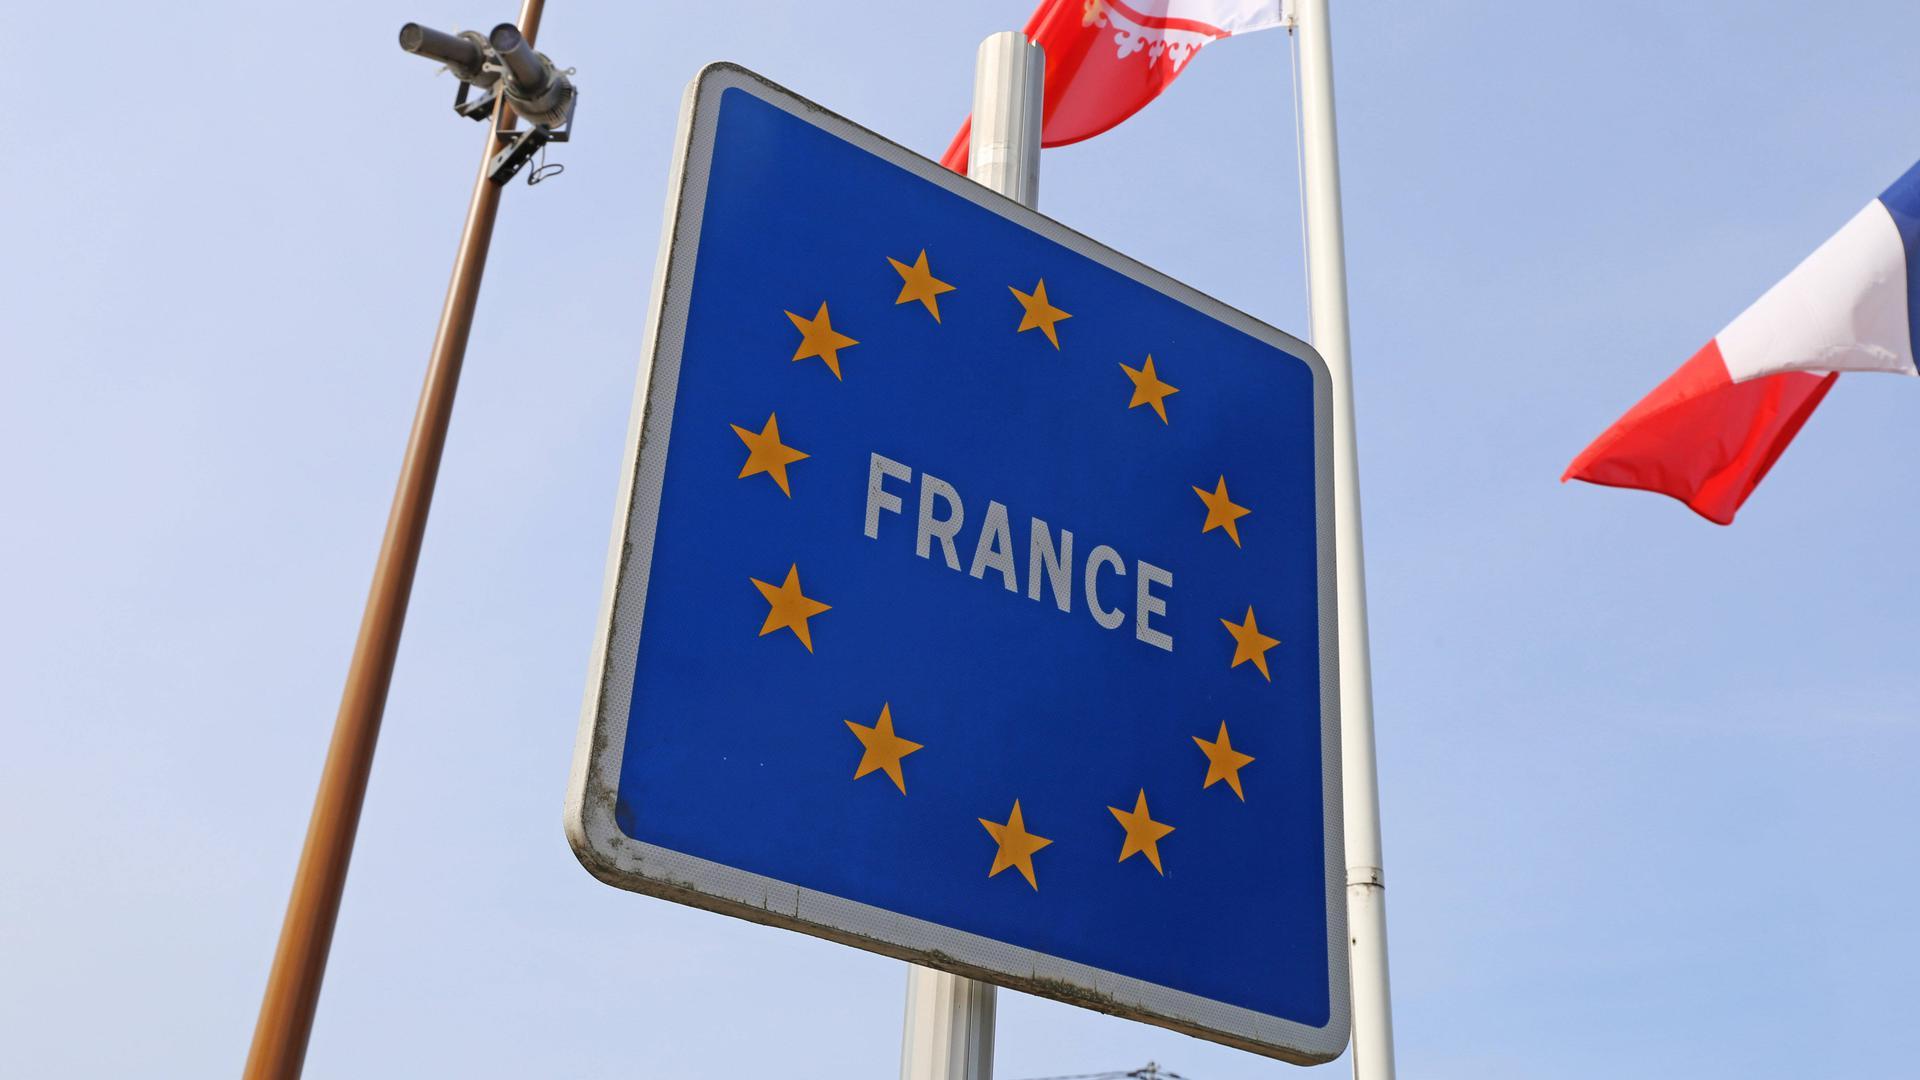 Einreise nach Frankreich: Von der Testpflicht befreit sind wie bisher schon Berufspendler und grenzüberschreitende Familien sowie die deutsche Bevölkerung des unmittelbaren Grenzgebiets.